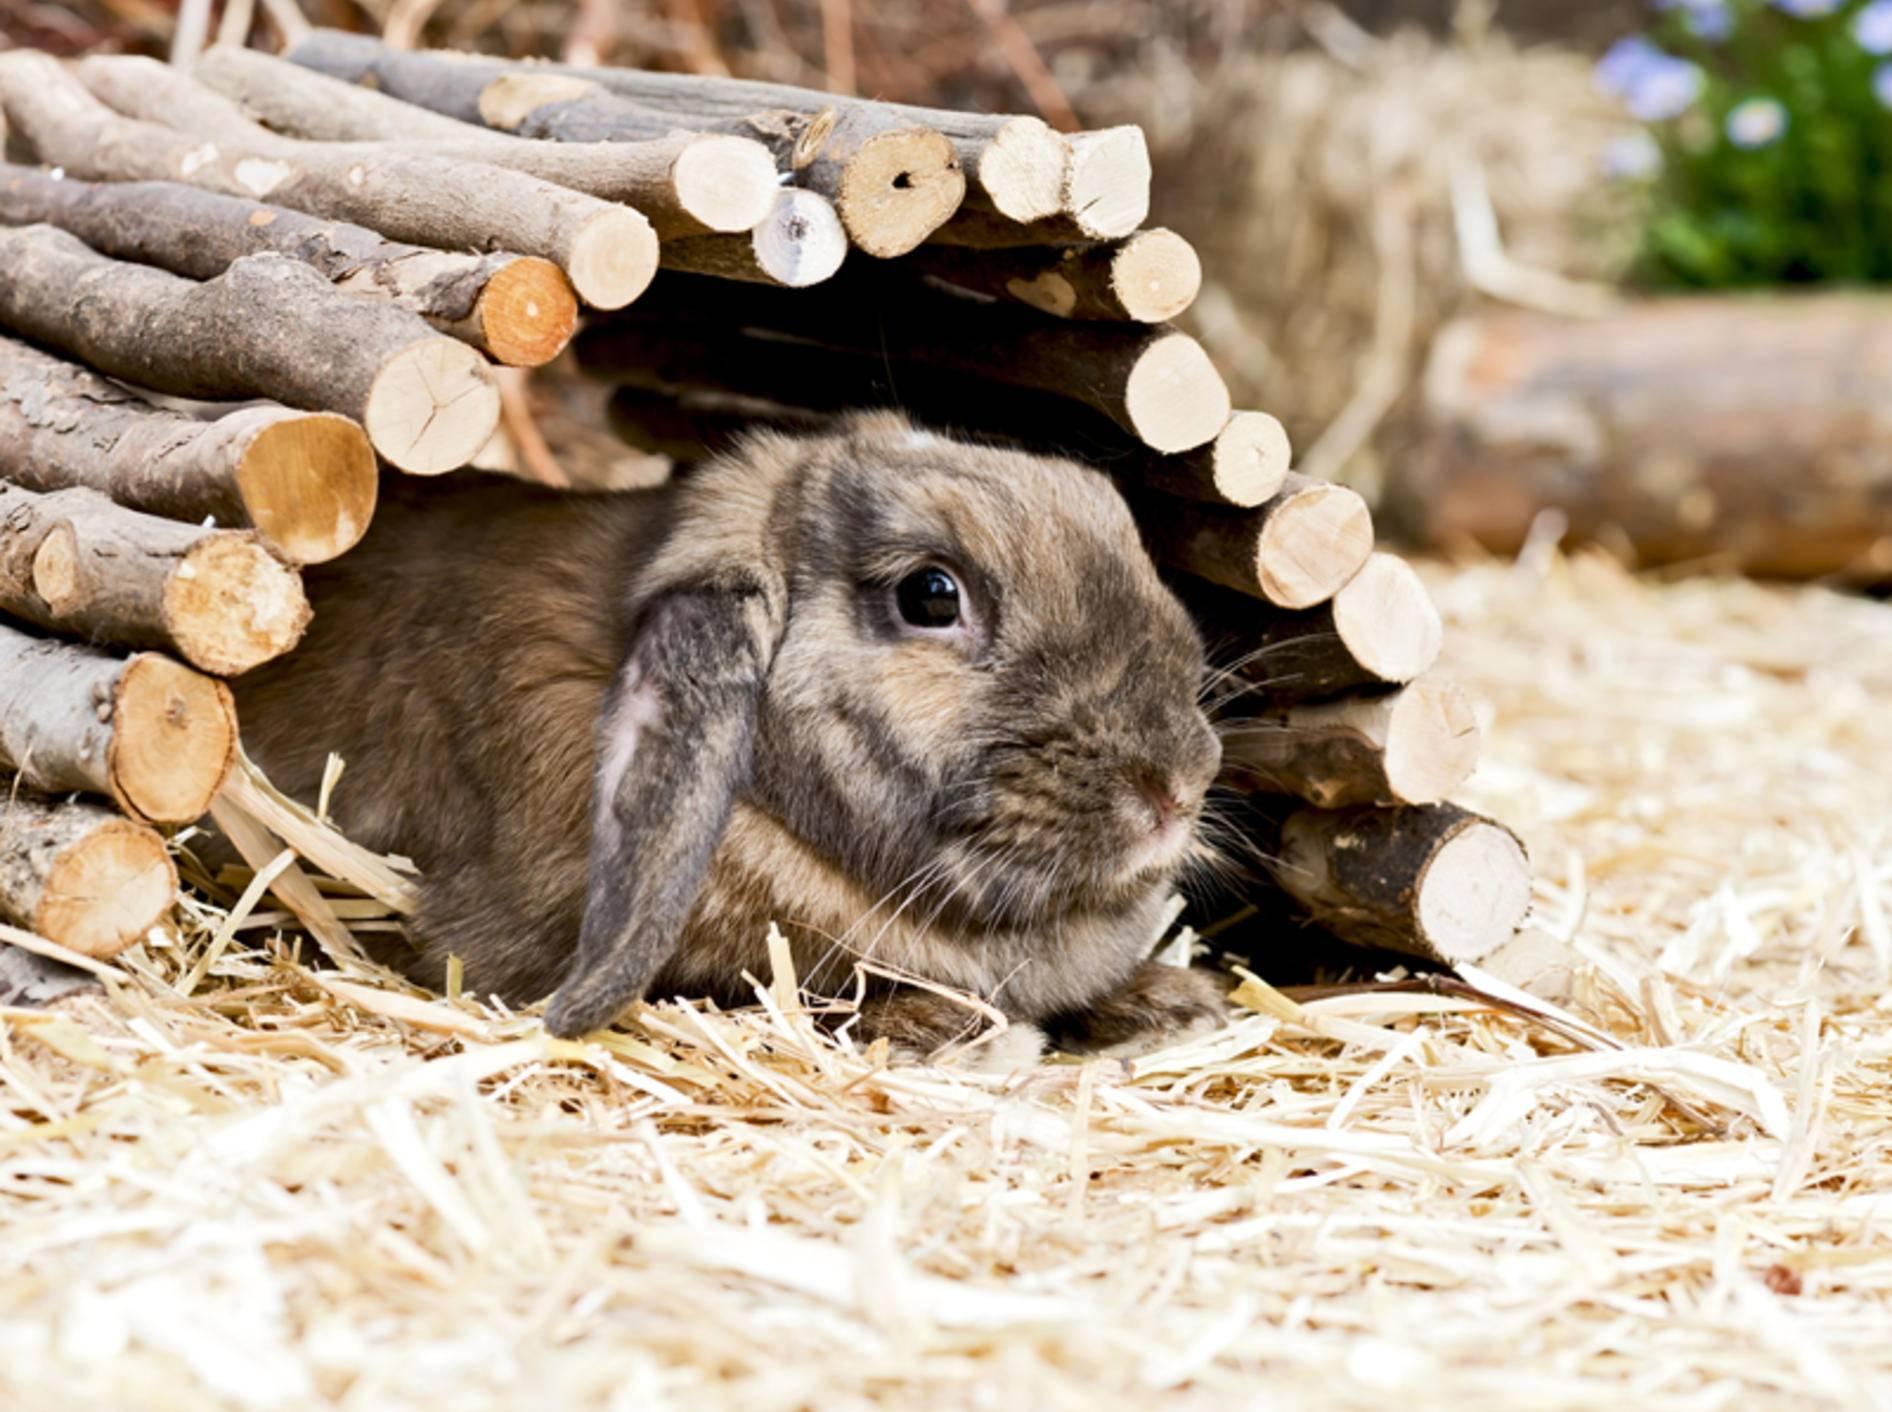 Verstopfungen können lebensbedrohlich für Kaninchen werden – Bild: Shutterstock / Claudia Paulussen